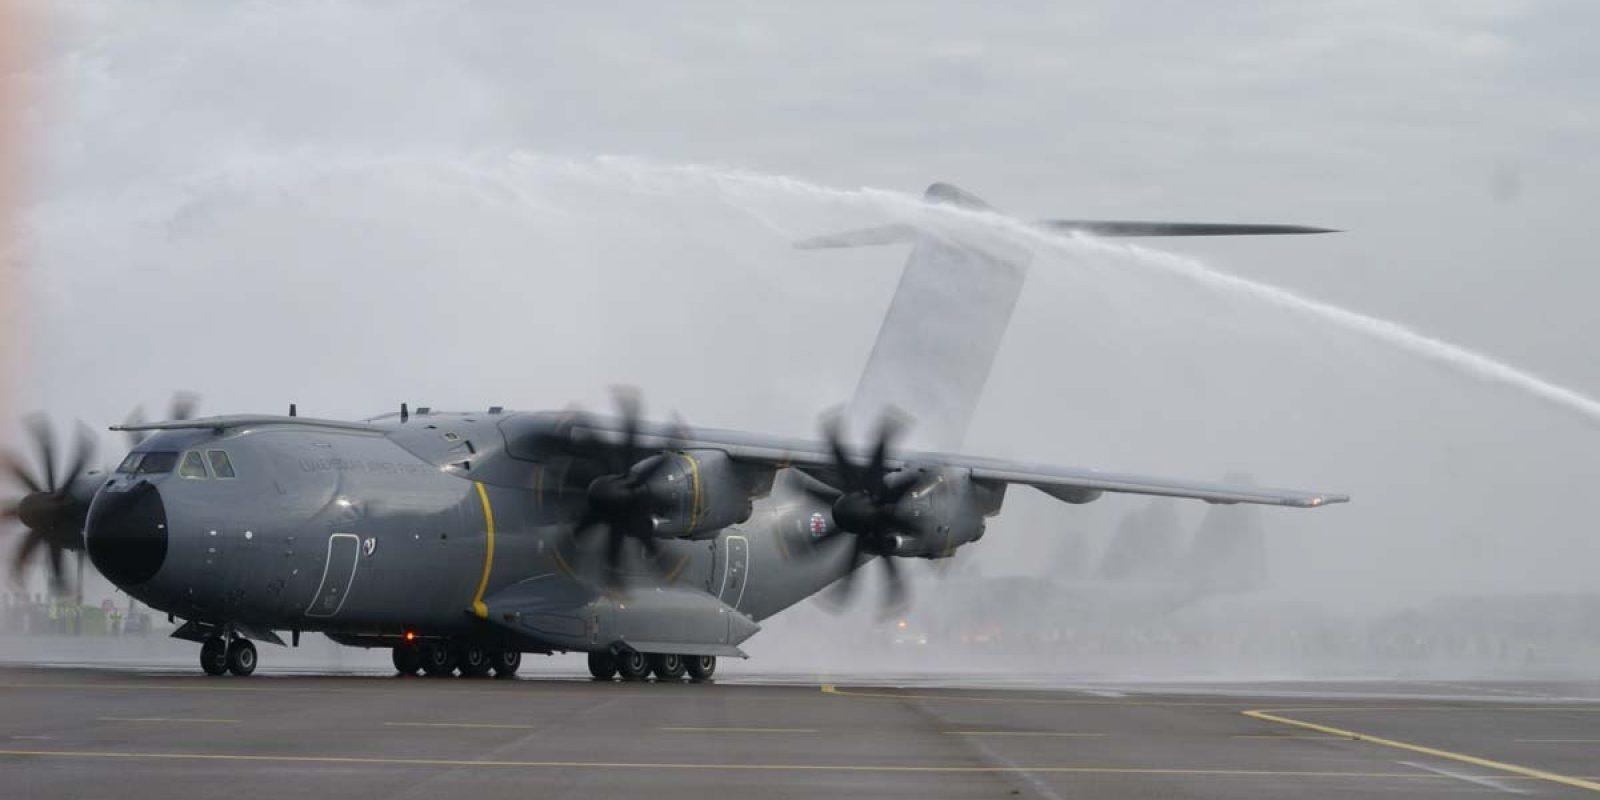 Un copieux arrosage en guise d'hommage et de bienvenue du pompier de Zaventem au nouvel avion.